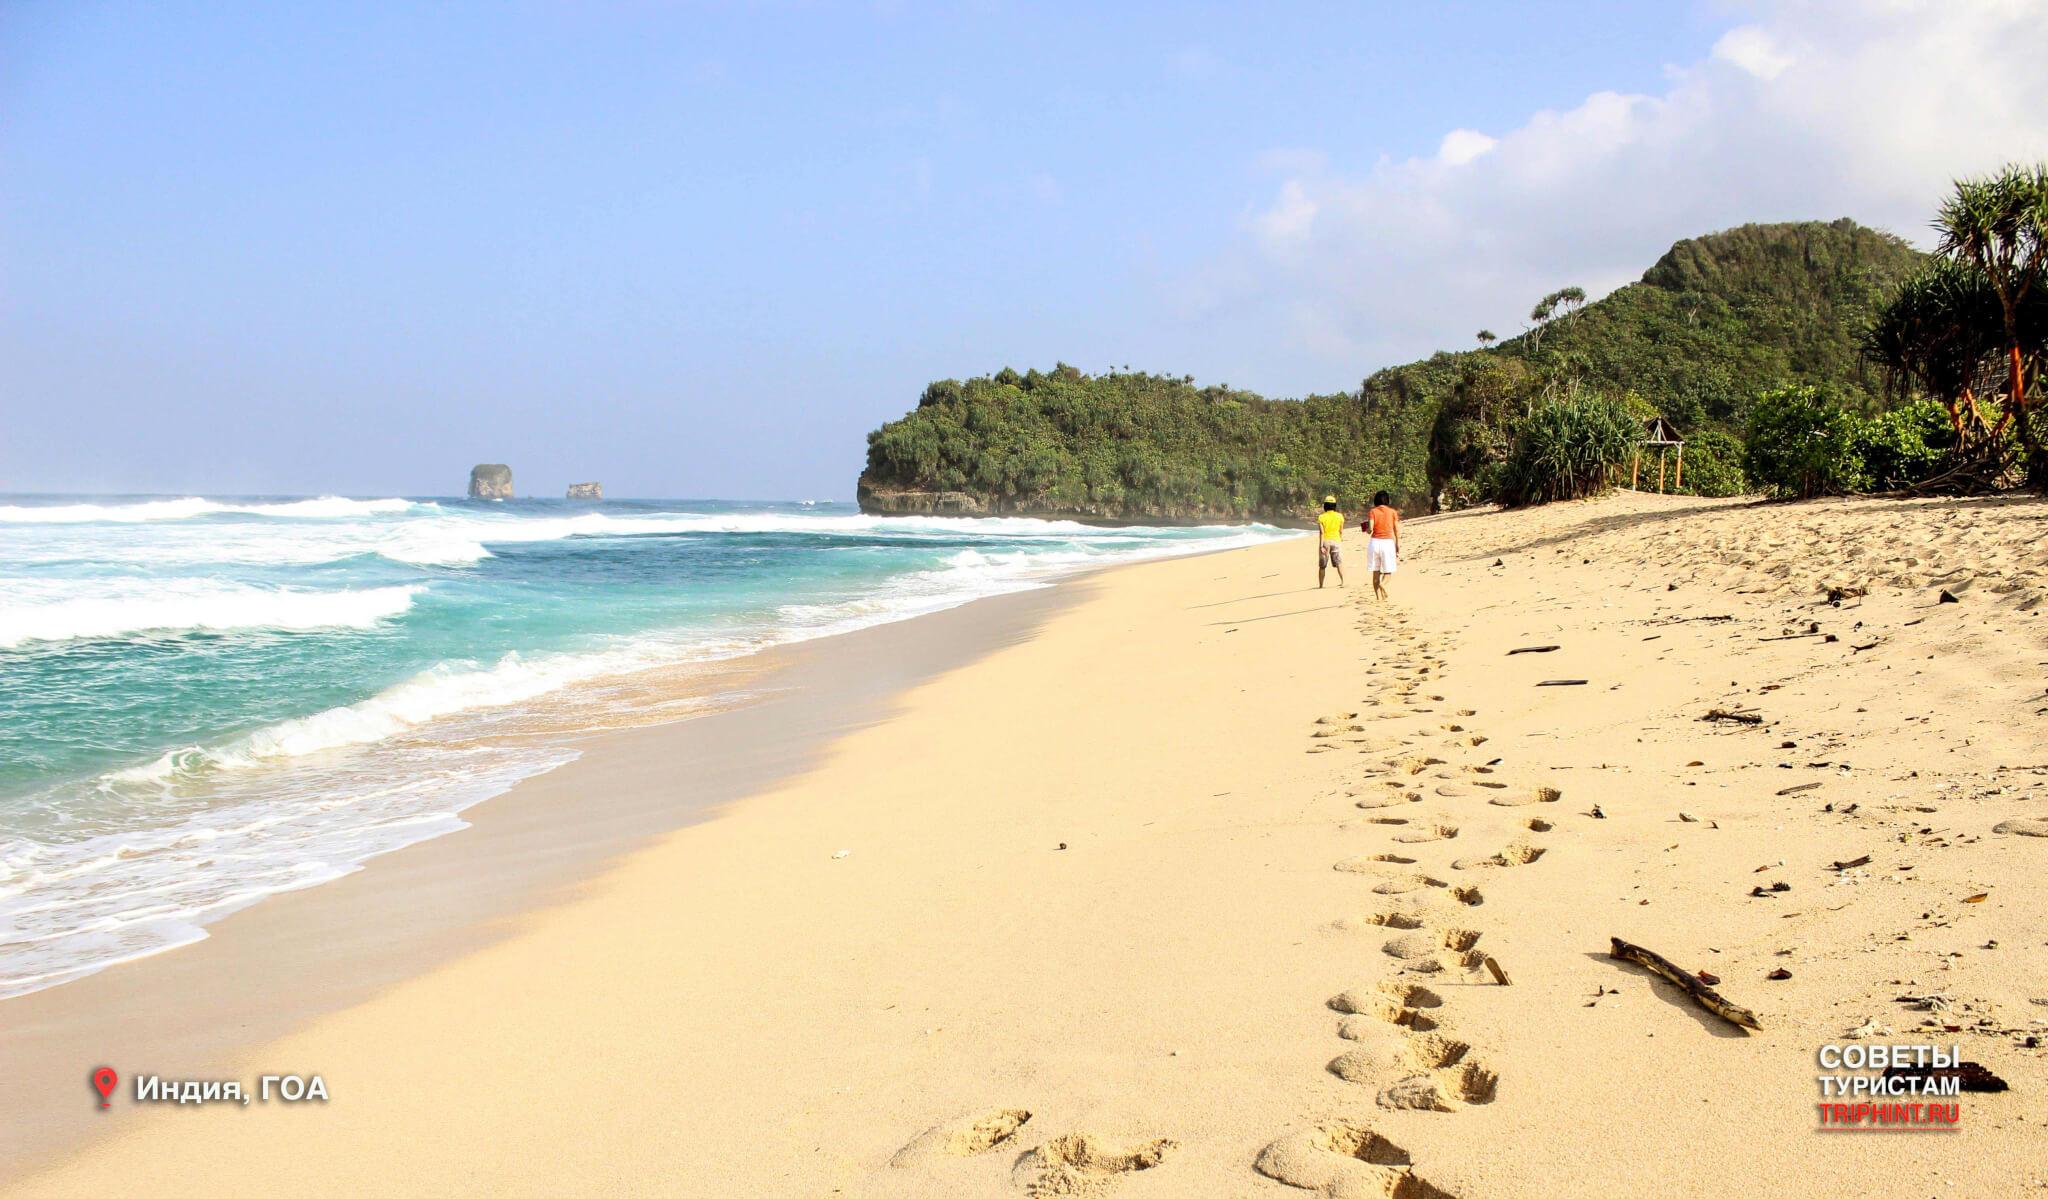 Пляжный отдых в ГОА (Индия) в октябре